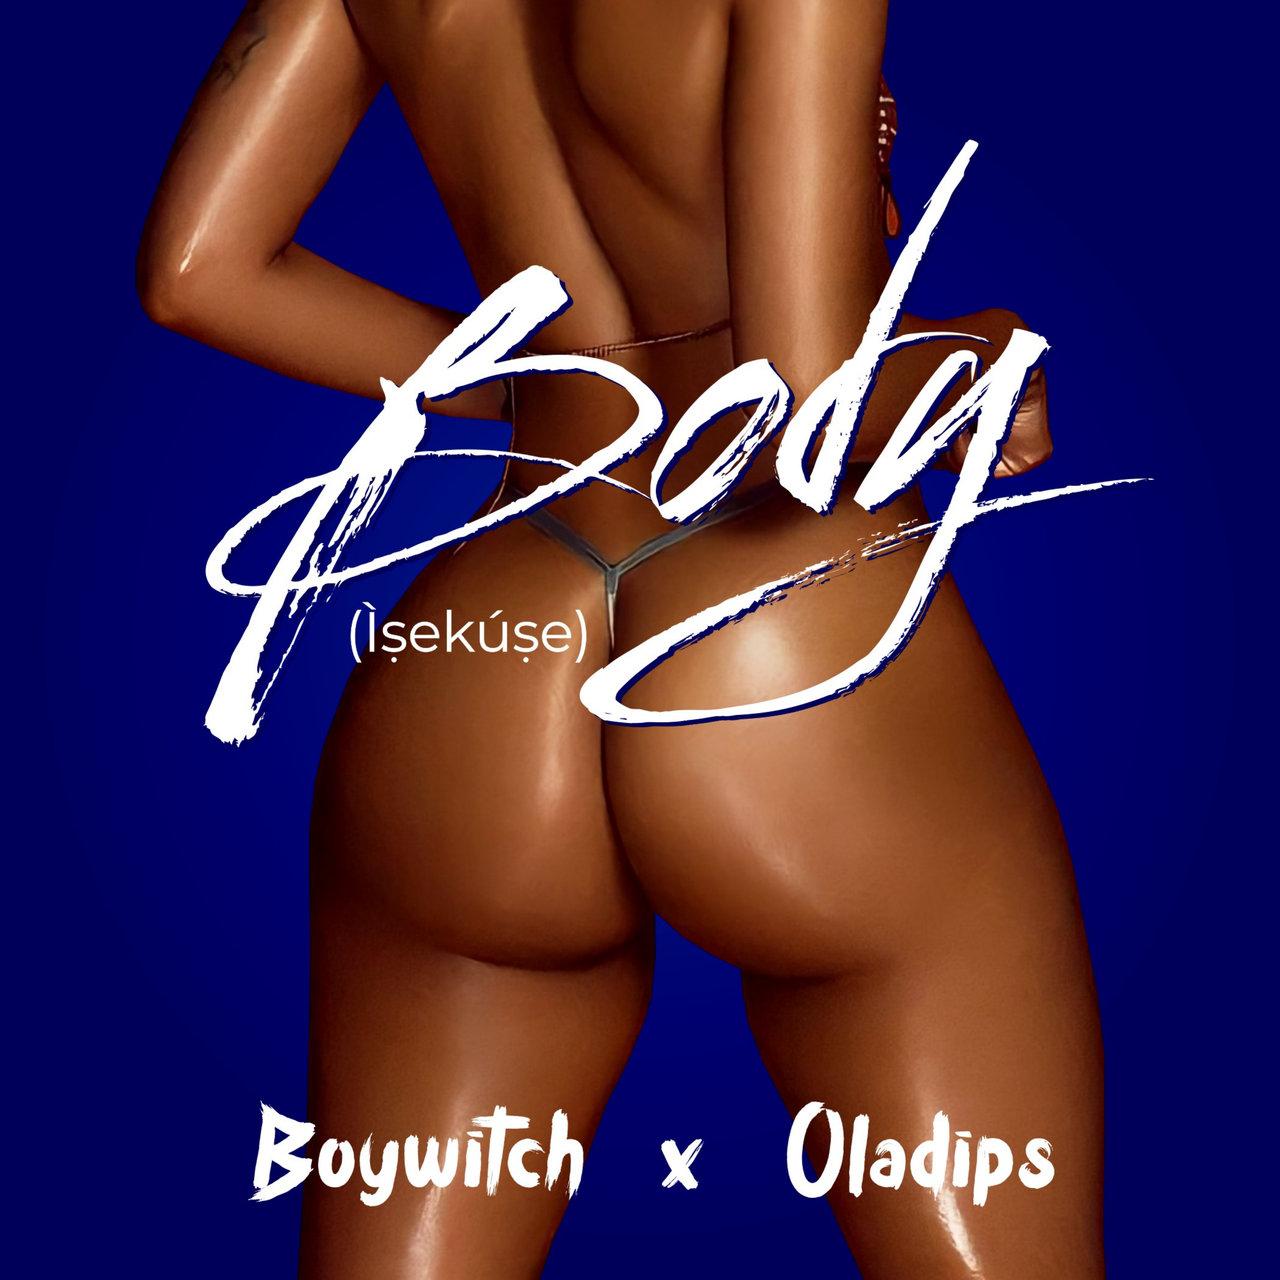 [Music] BoyWitch Ft. Oladips – Body (Isekuse)